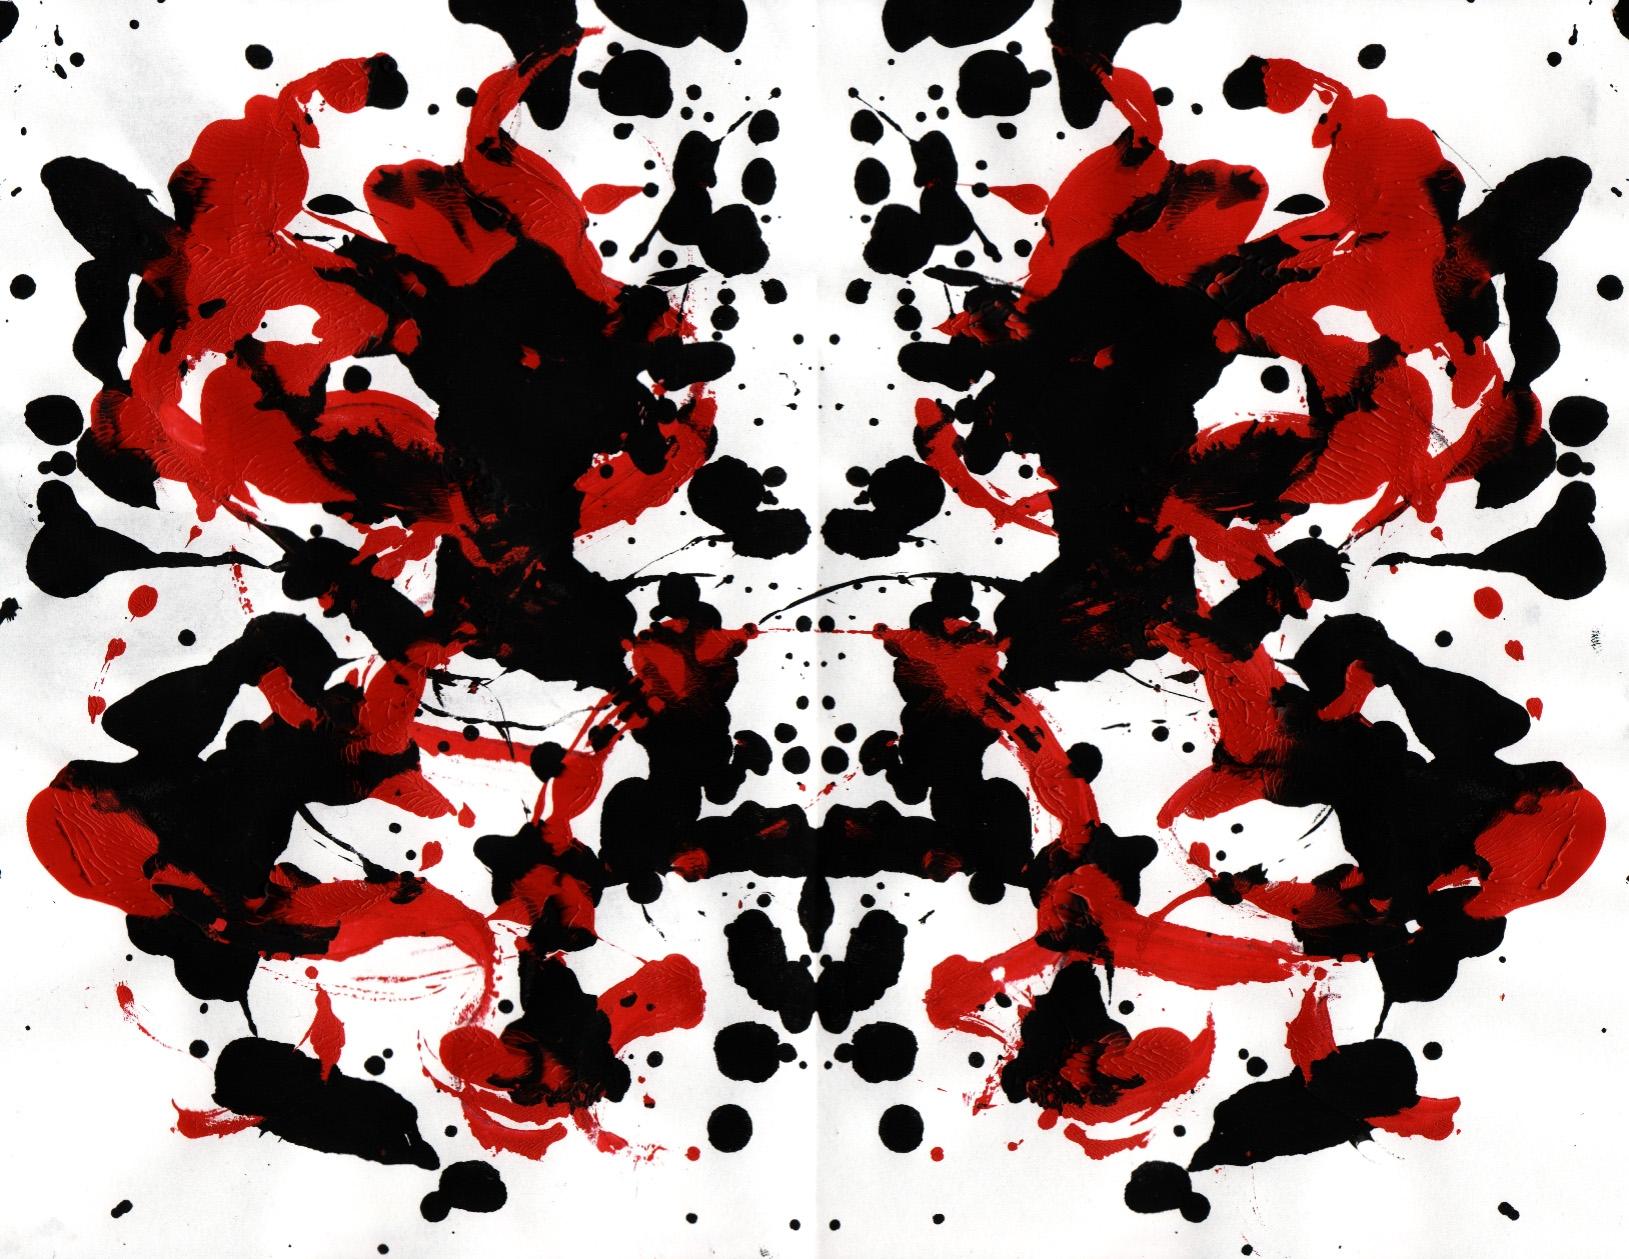 Algernon, Daniel_Keyes, IQ, flowers, flowers for Algernon, literature, qwelly, rorschach, test, გამოცდა, განვითარება, განუვითარებელი, დანიელ კიზი, დანიელ_კიზი, ლიტერატურა, რორ_შაჰი, ტესტი, ქველი, ყვავილები ელჯერნონისთვის, ყვავილები_ელჯერნონისთვის, ცნობილი ავტორი